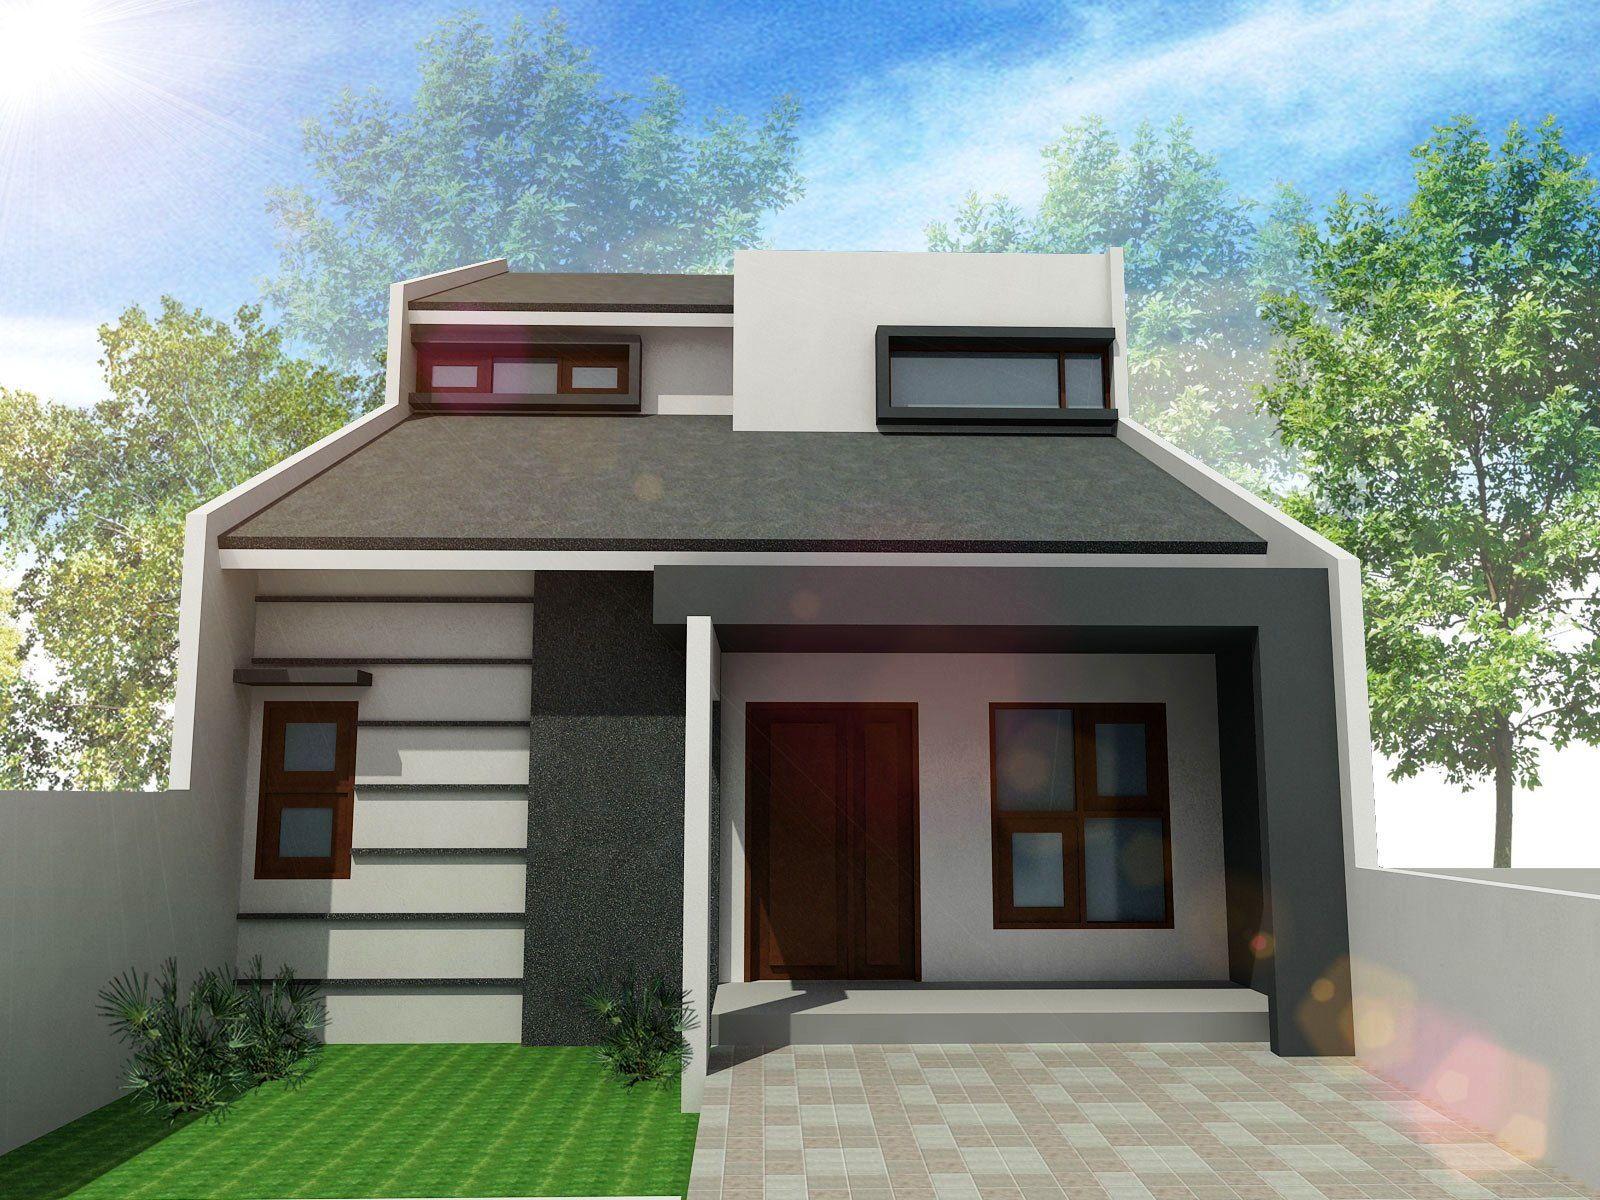 Desain Rumah Minimalis 1 Lantai Cantik Elegan Contoh